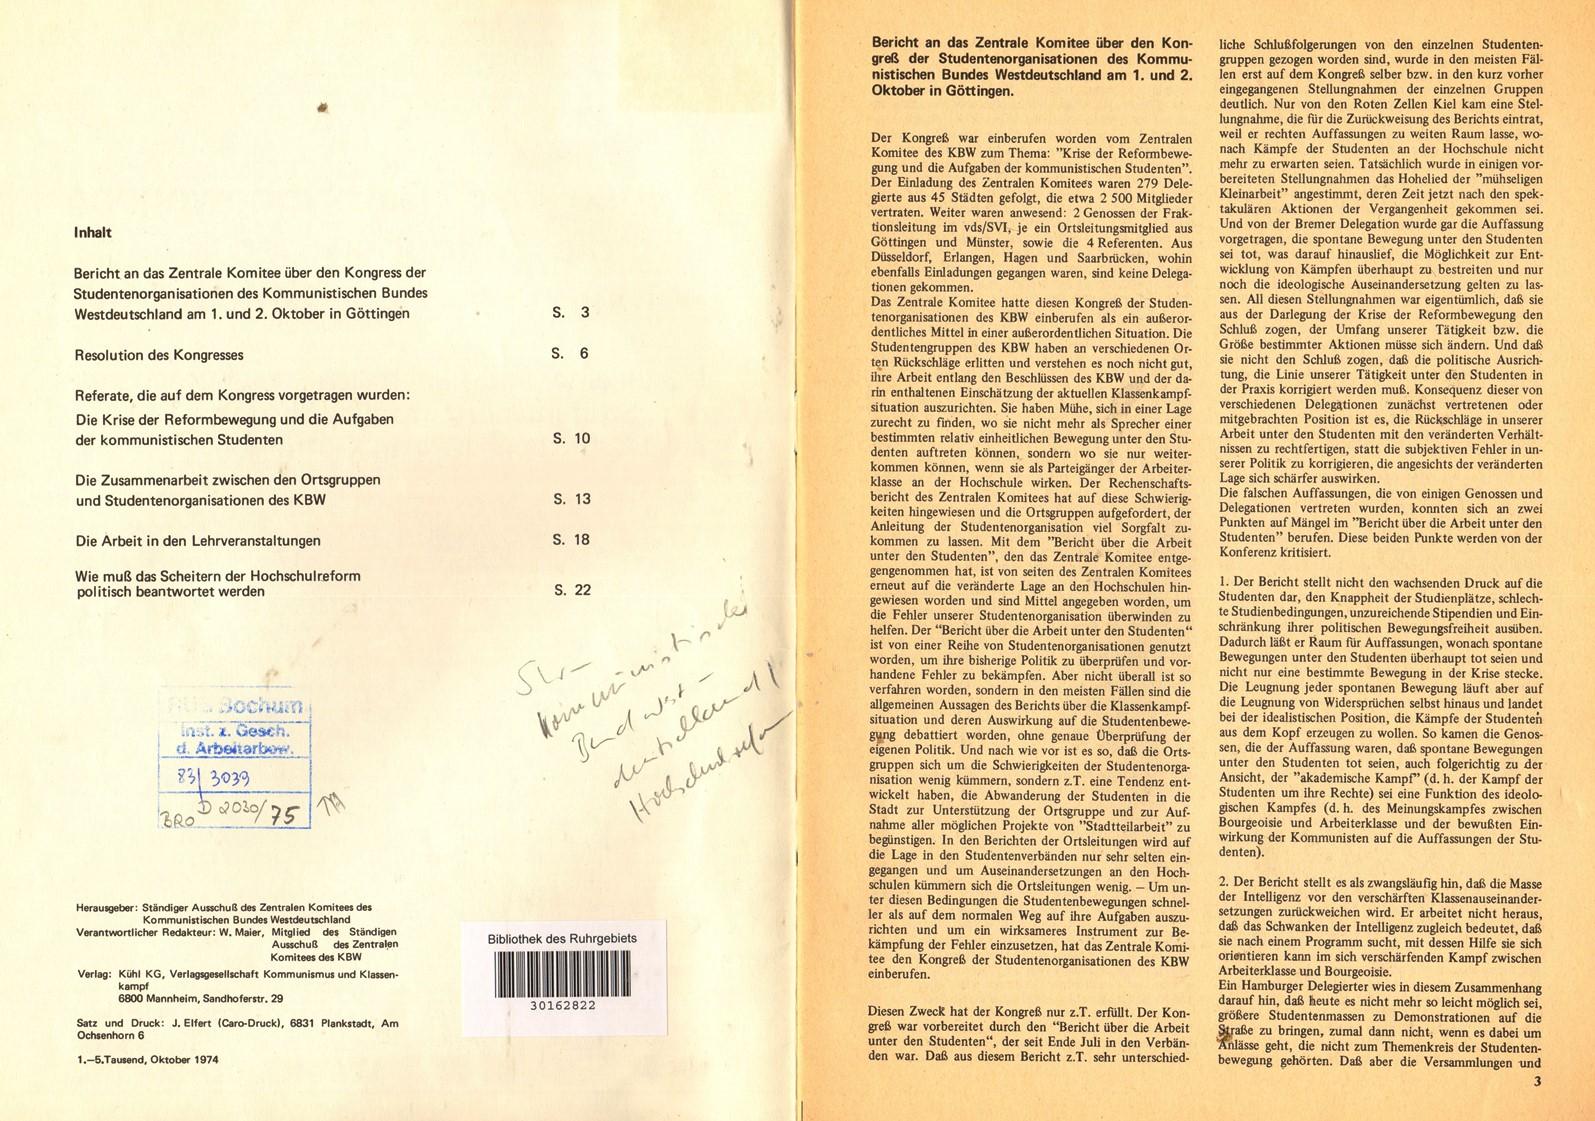 KBW_1974_Aufgaben_der_kommunistischen_Studenten_02